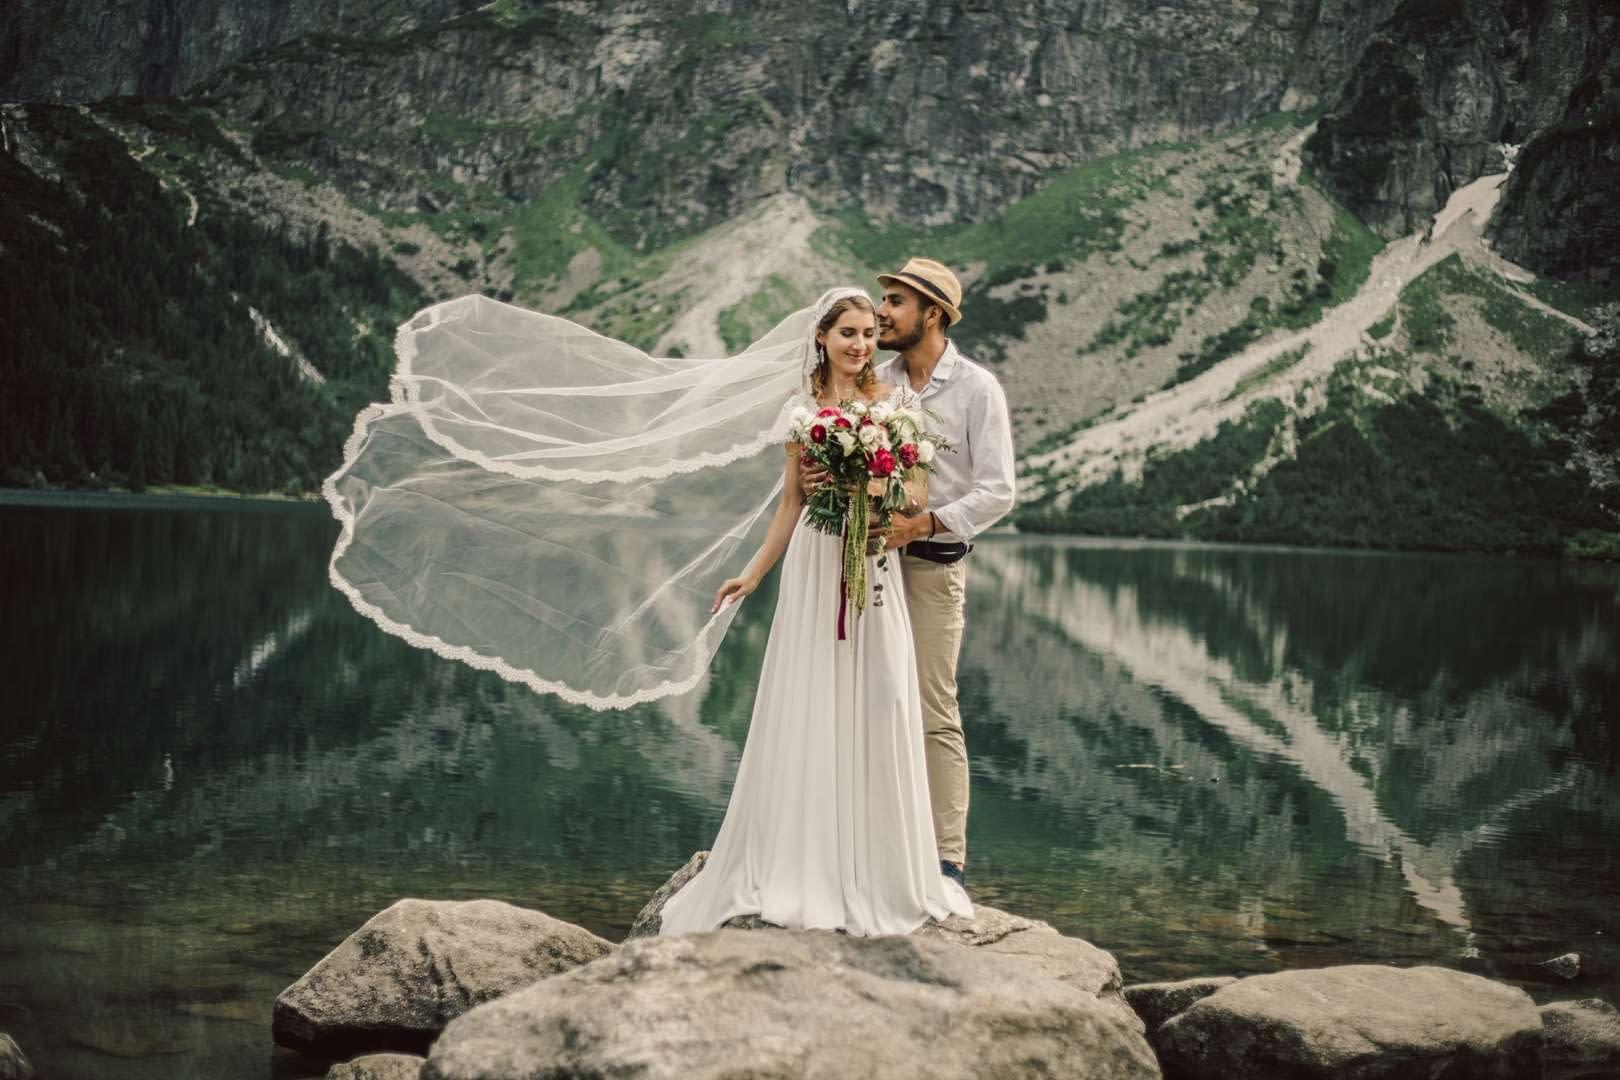 Sesja ślubna w górach, międzynarodowa para, fotograf z Krakowa.